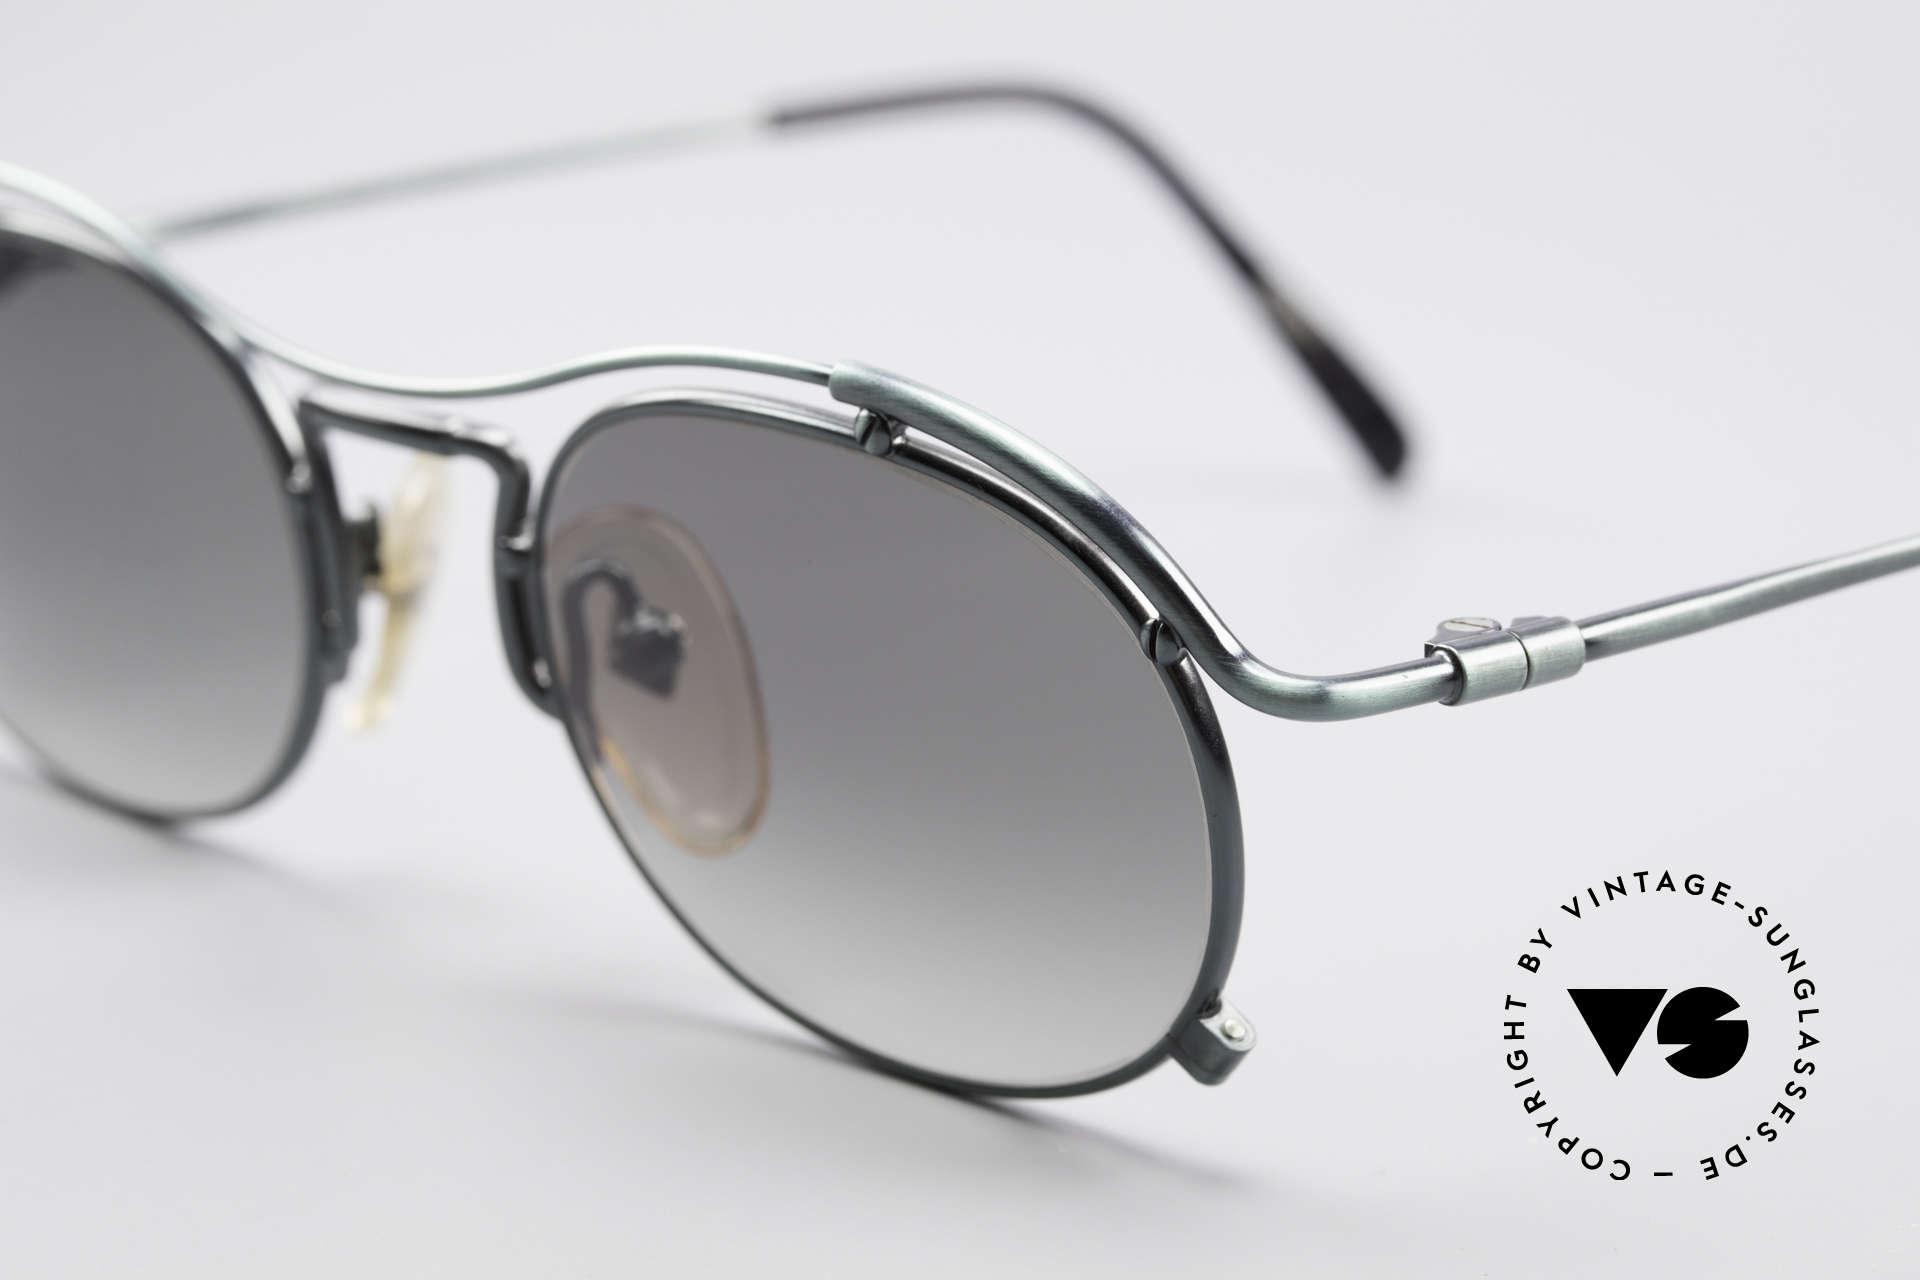 Jean Paul Gaultier 55-2170 Vintage 90er Sonnenbrille, außergewöhnliche Spitzen-Qualität; made in Japan, Passend für Herren und Damen